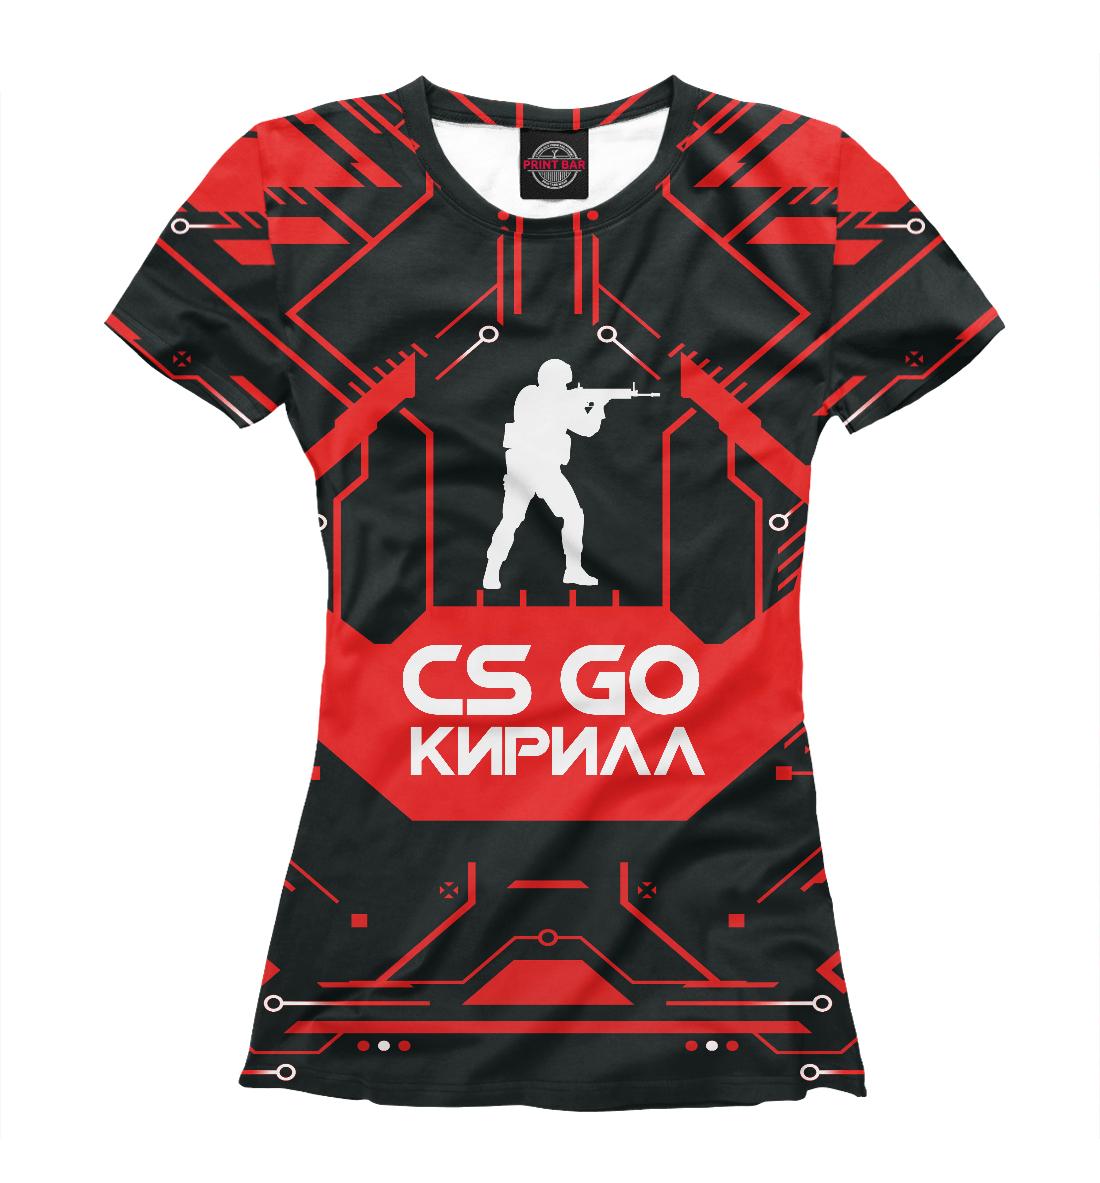 Купить Кирилл в стиле CS GO, Printbar, Футболки, KIR-358923-fut-1